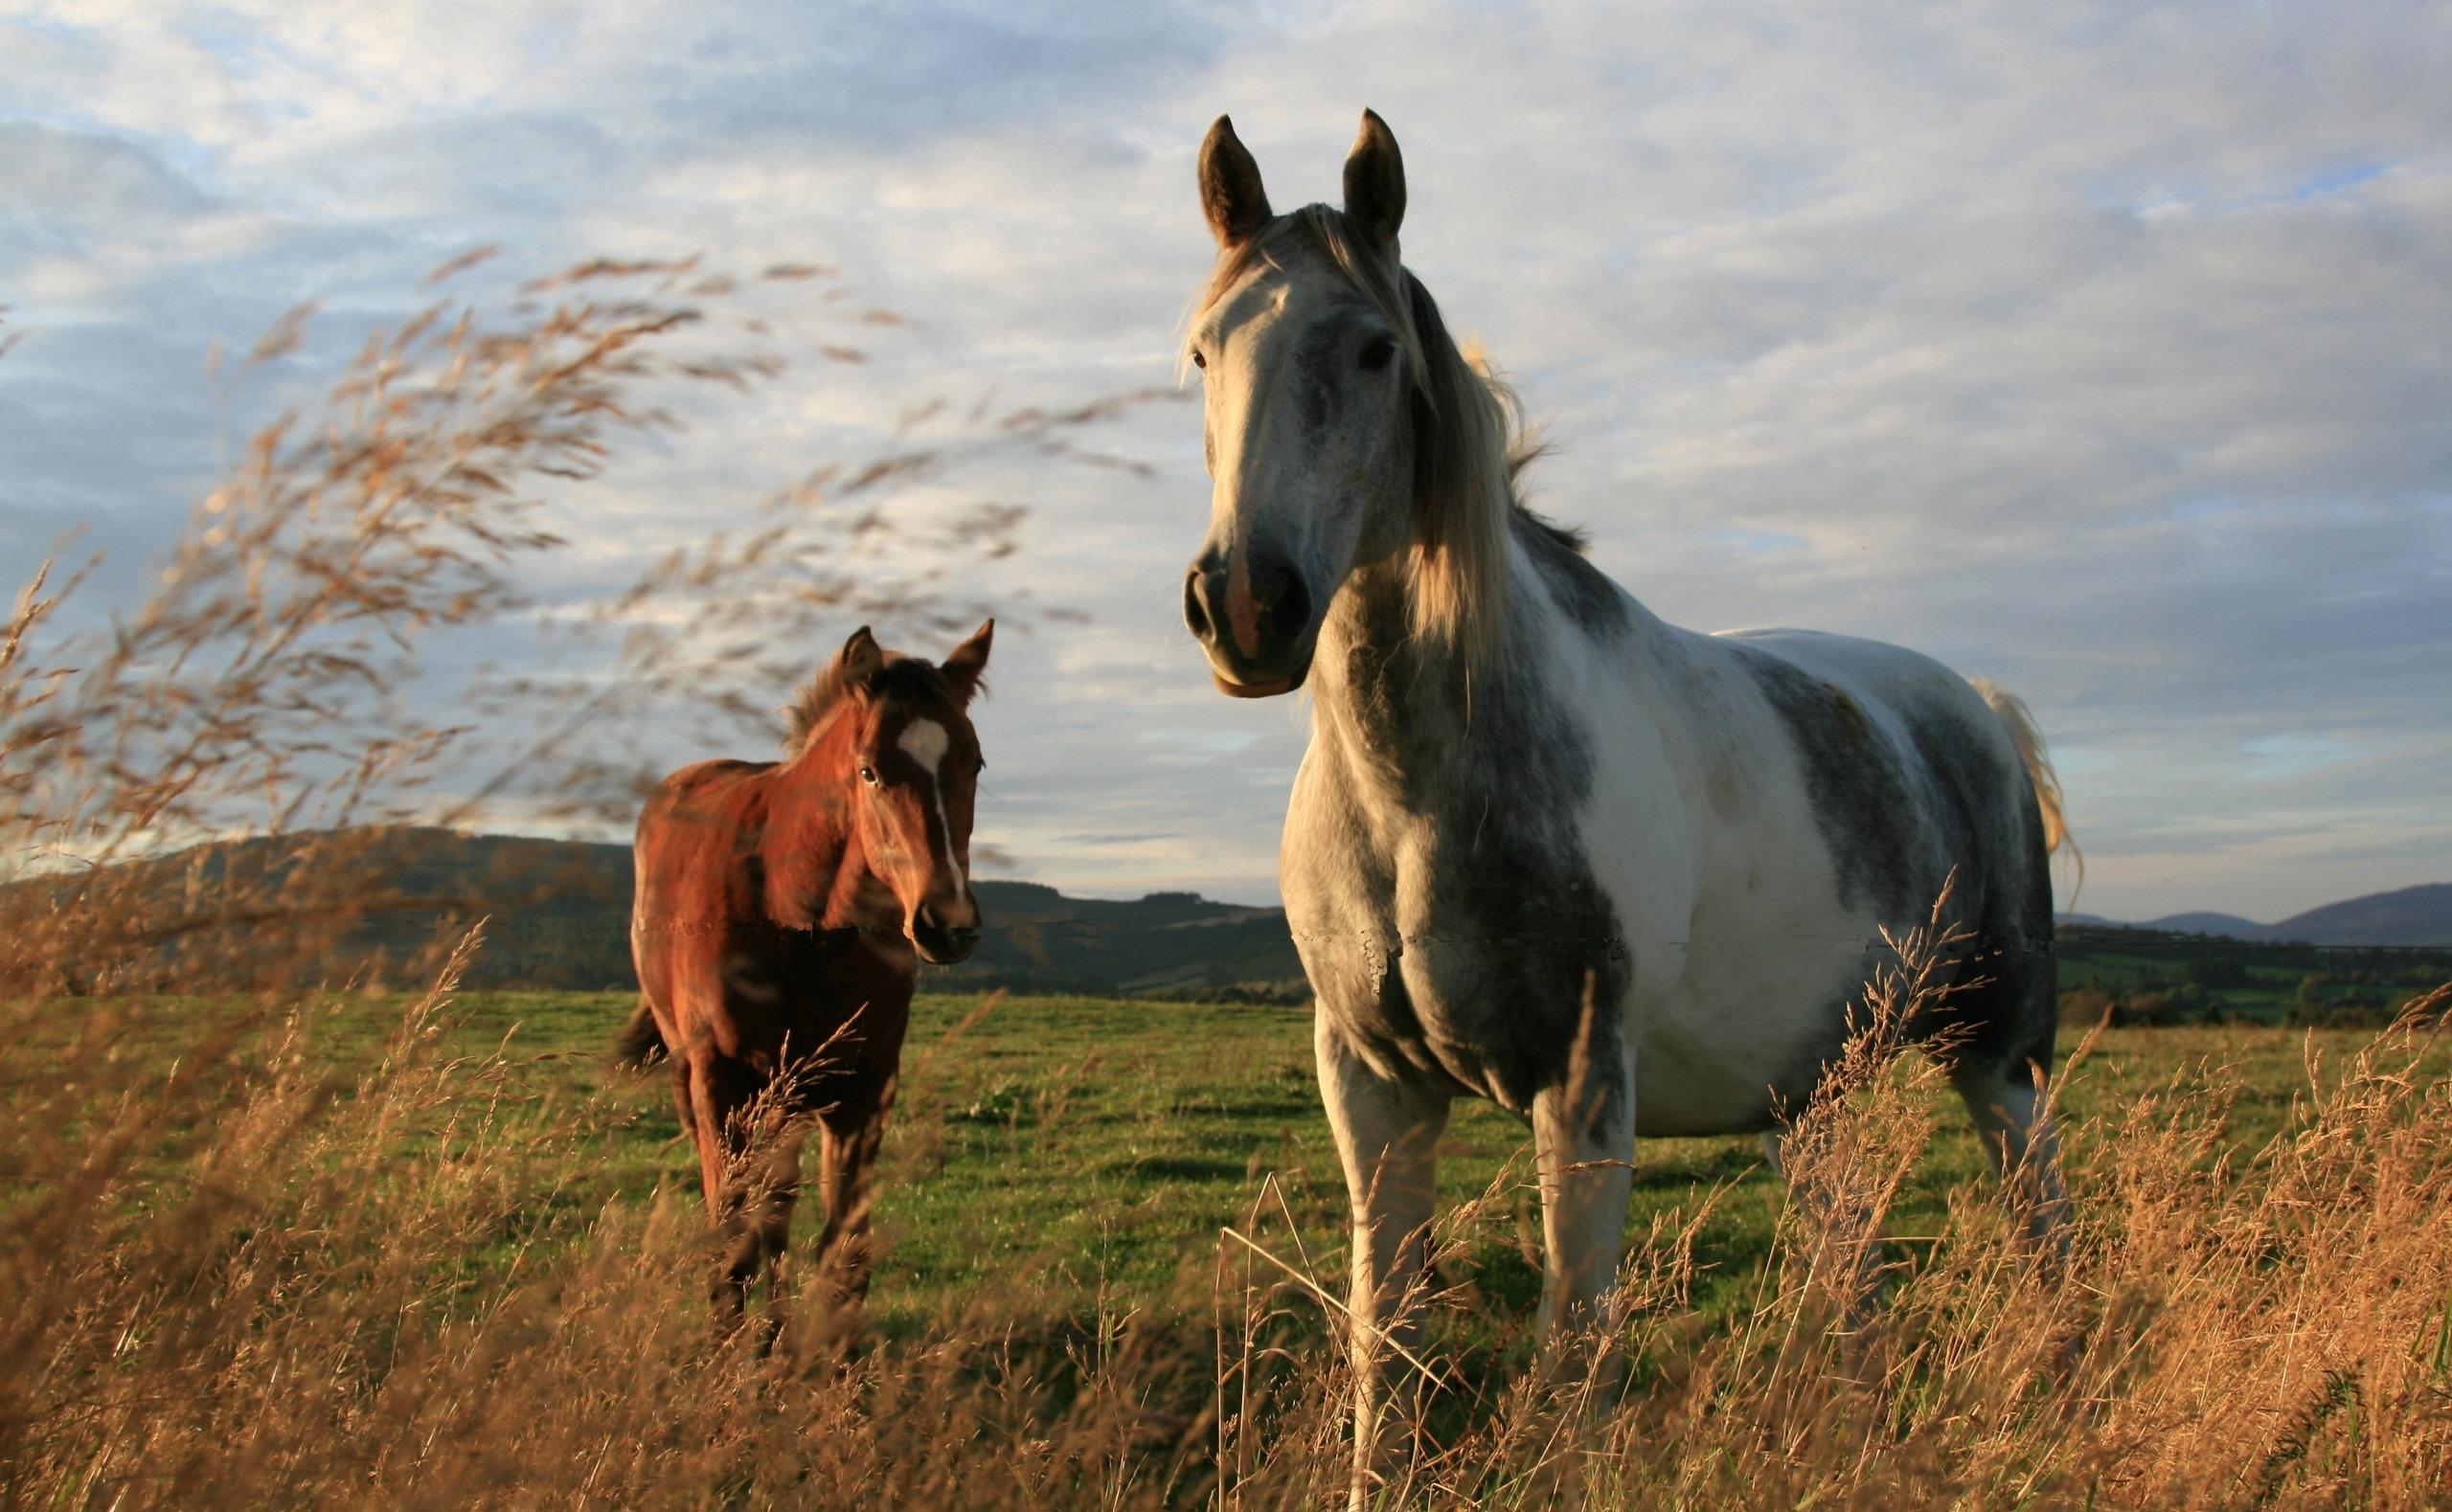 качественные обои на рабочий стол лошади № 503721  скачать